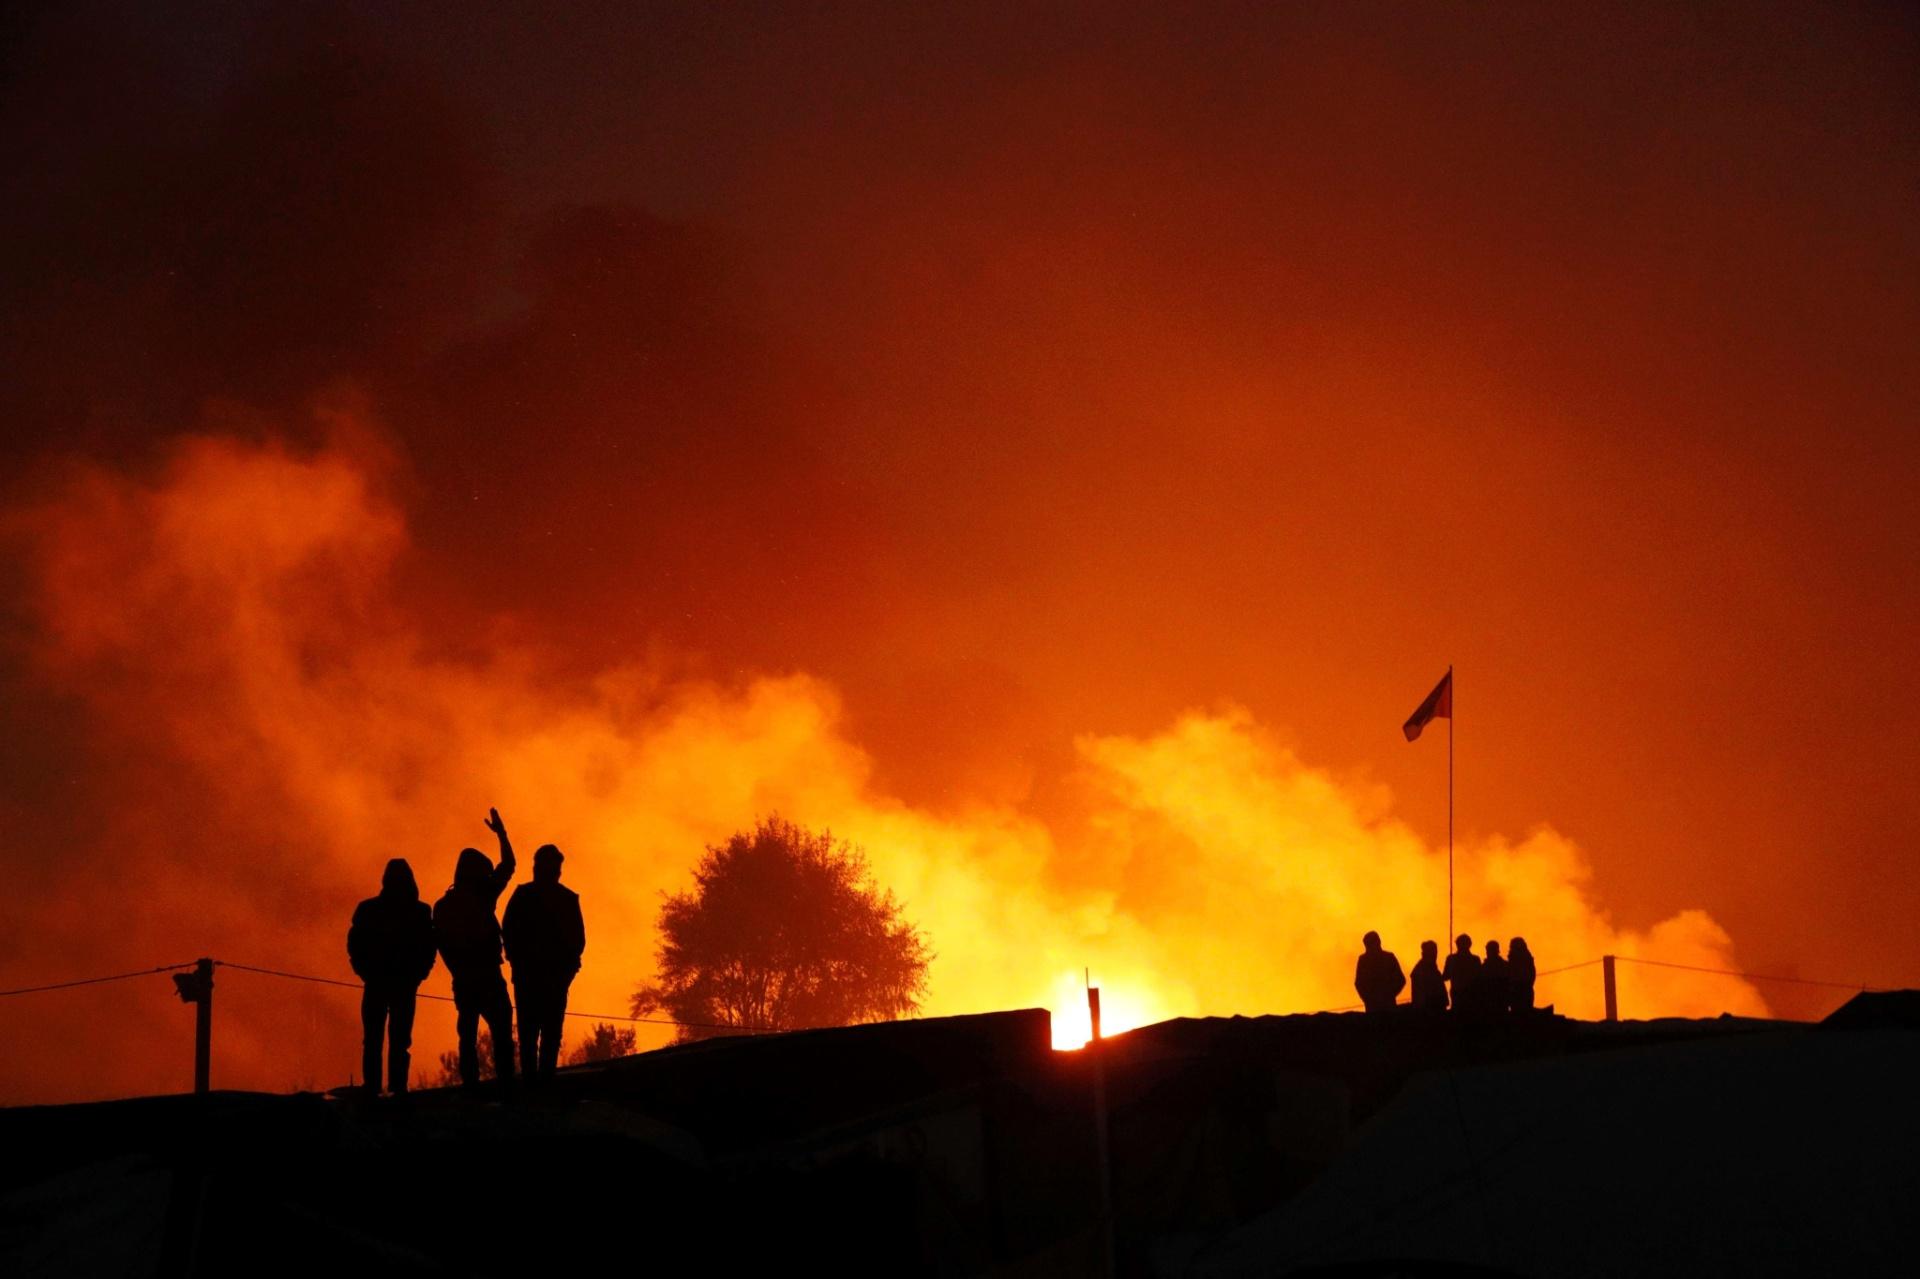 25.out.2016 - Silhuetas de migrantes são vistas perto de chamas no segundo dia de evacuação de refugiados do campo de Calais, na França